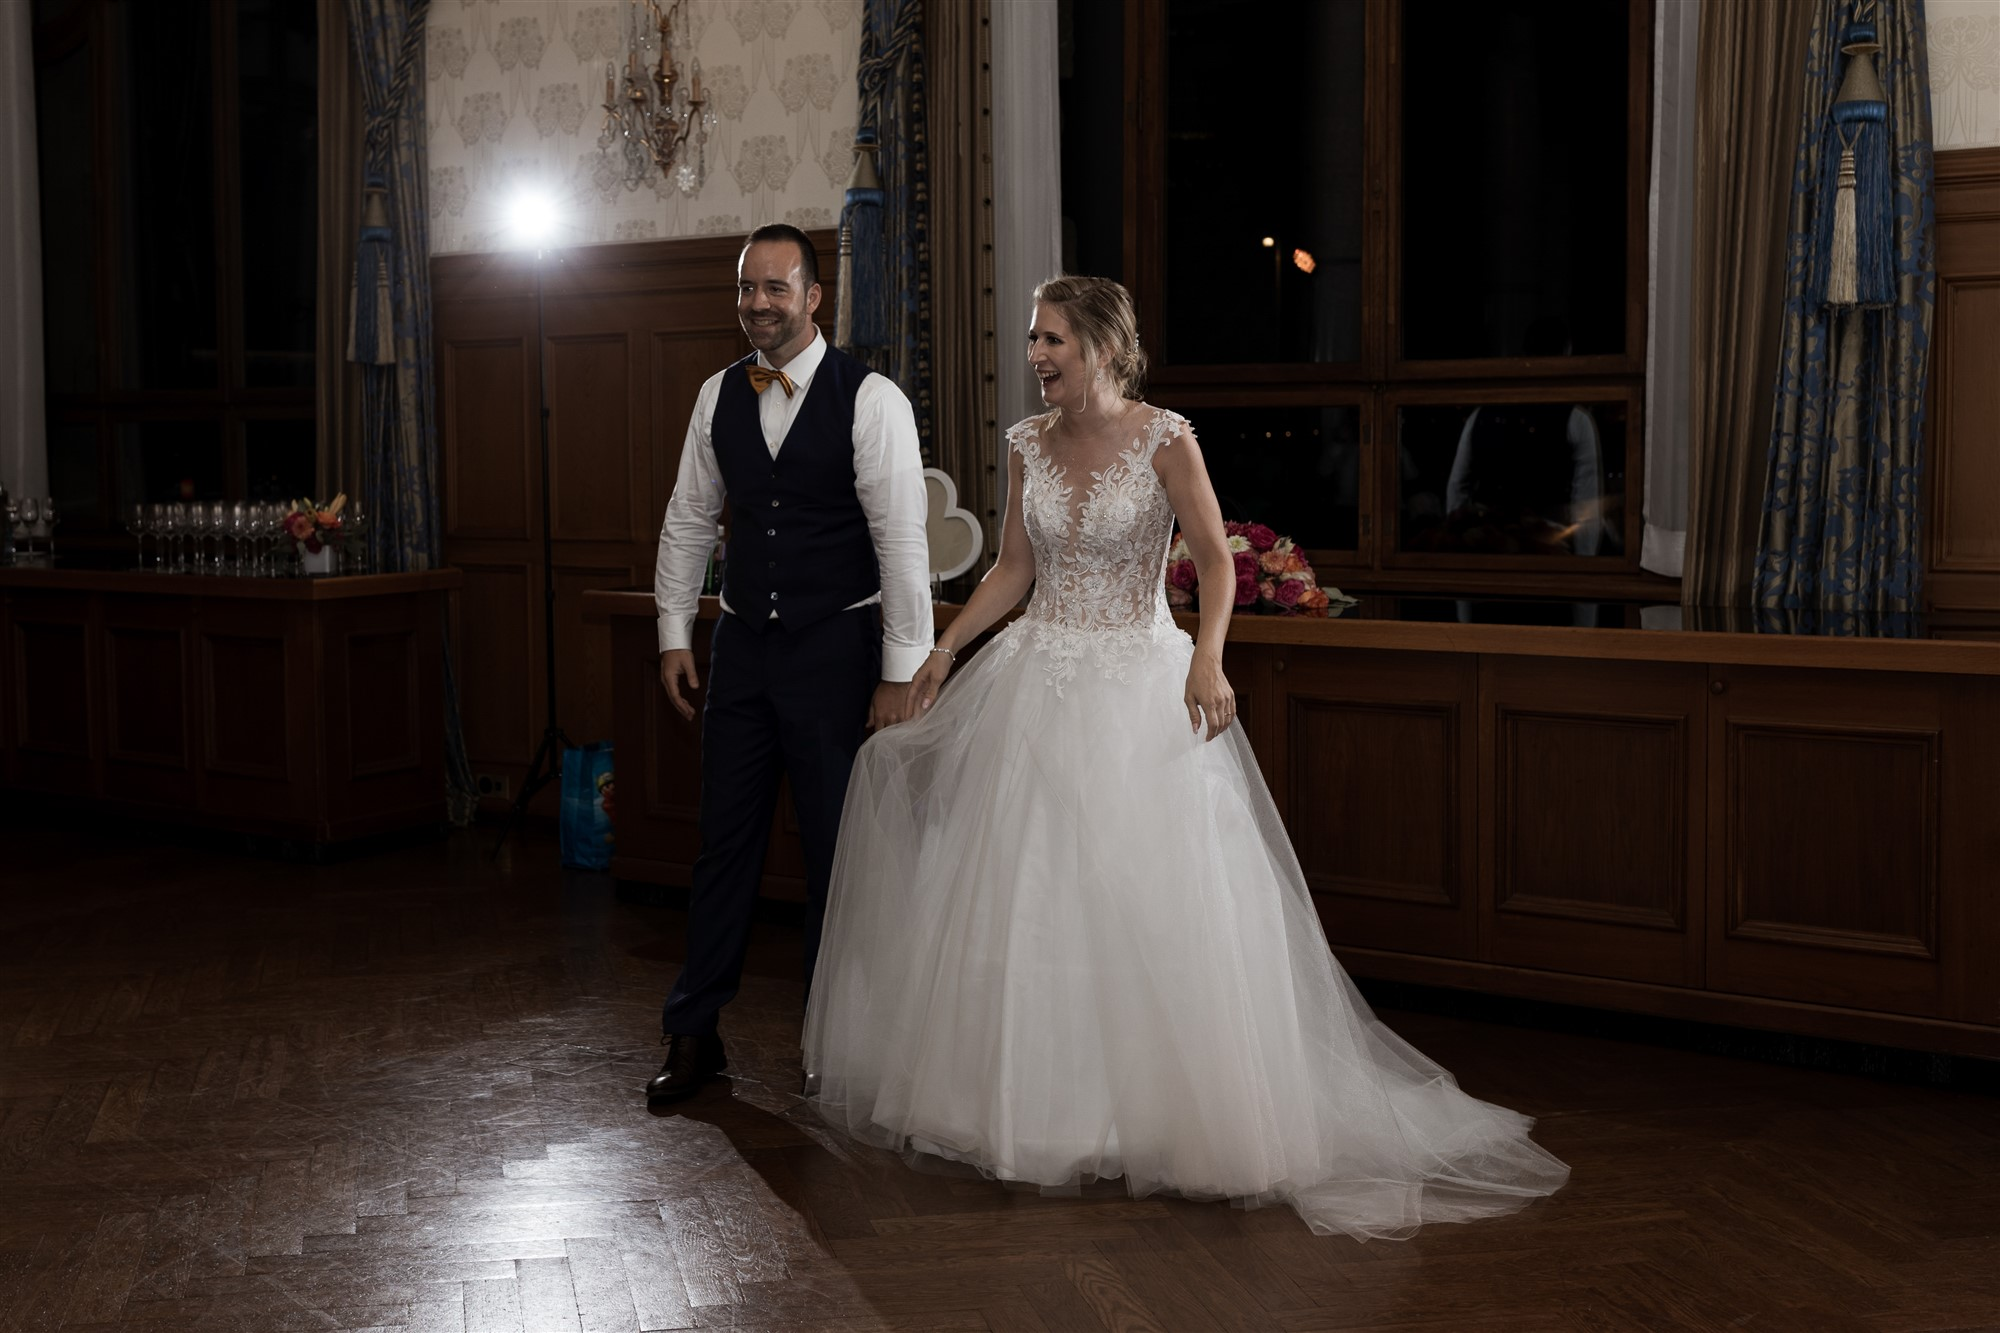 Das Hochzeitsfest im Grand Hotel Les Trois Rois - Location - Hochzeitstanz - Hochzeitsfotograf Basel